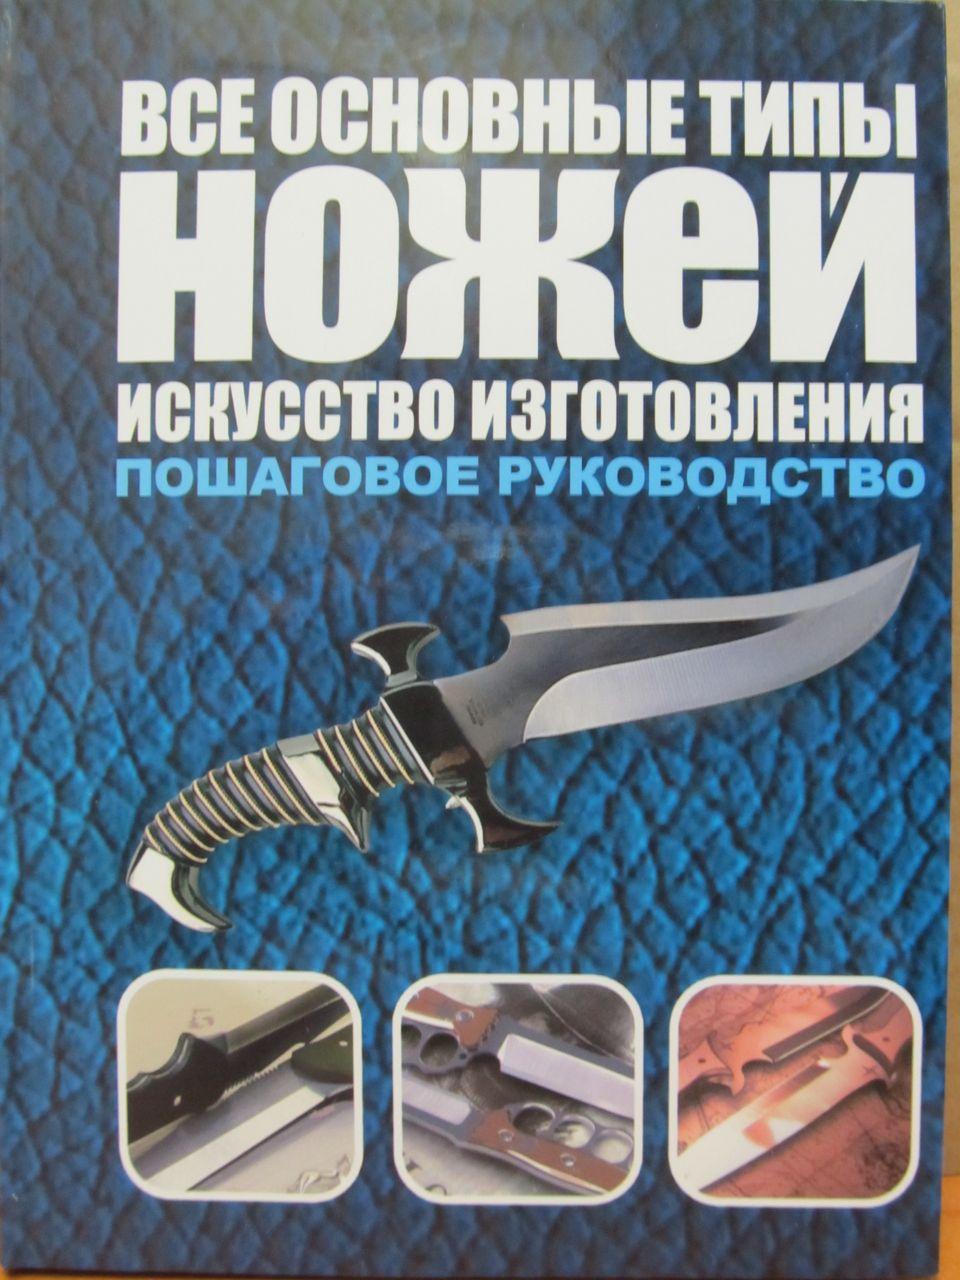 Изготовление холодного оружия своими руками